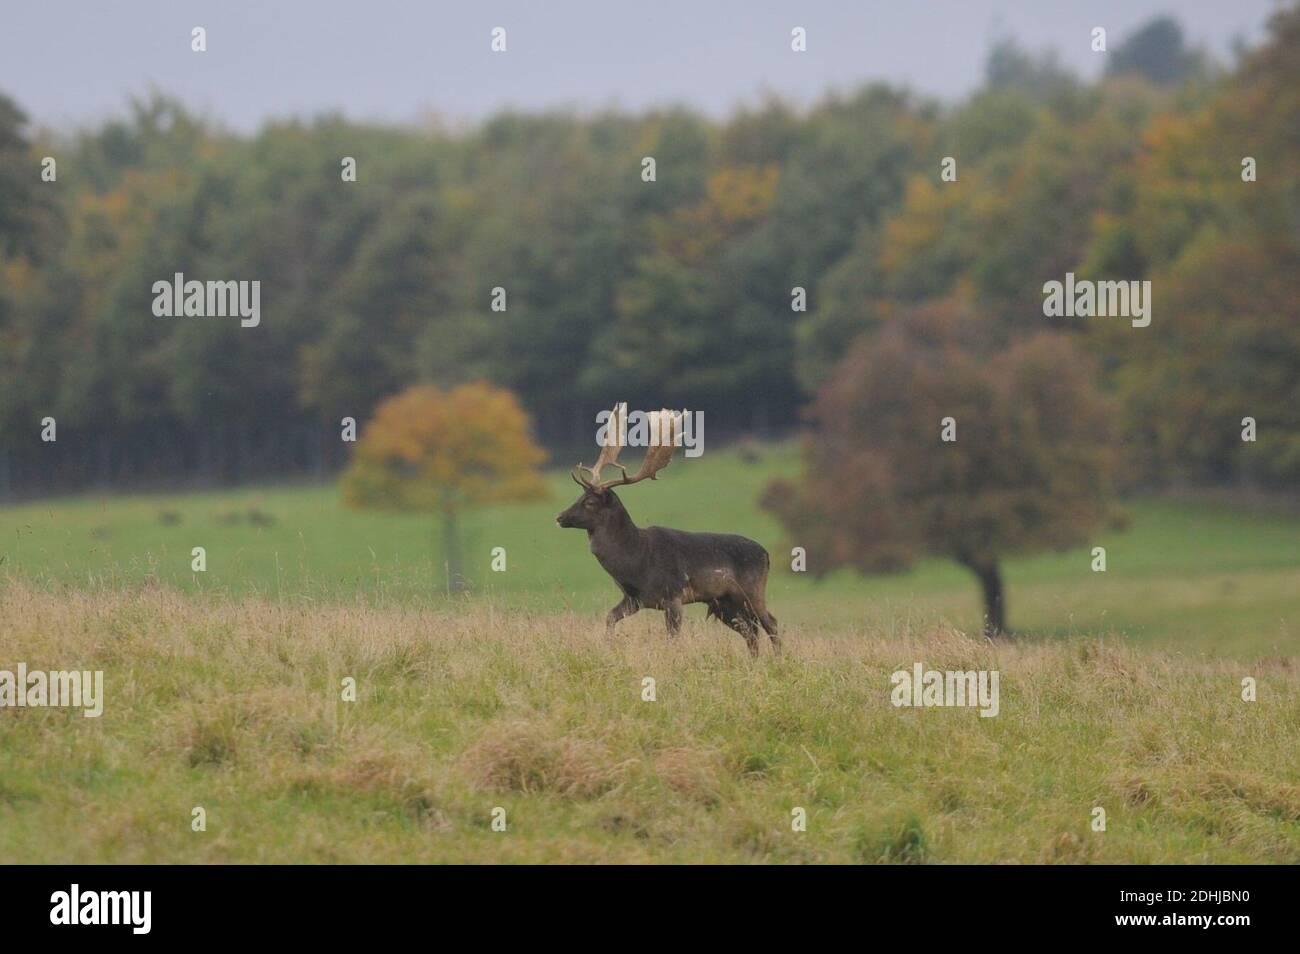 Un ciervo en los terrenos del Castillo de Raby, Condado de Durham rodeado de colores otoñales. Foto tomada el 16 de octubre de 2020 Foto de stock